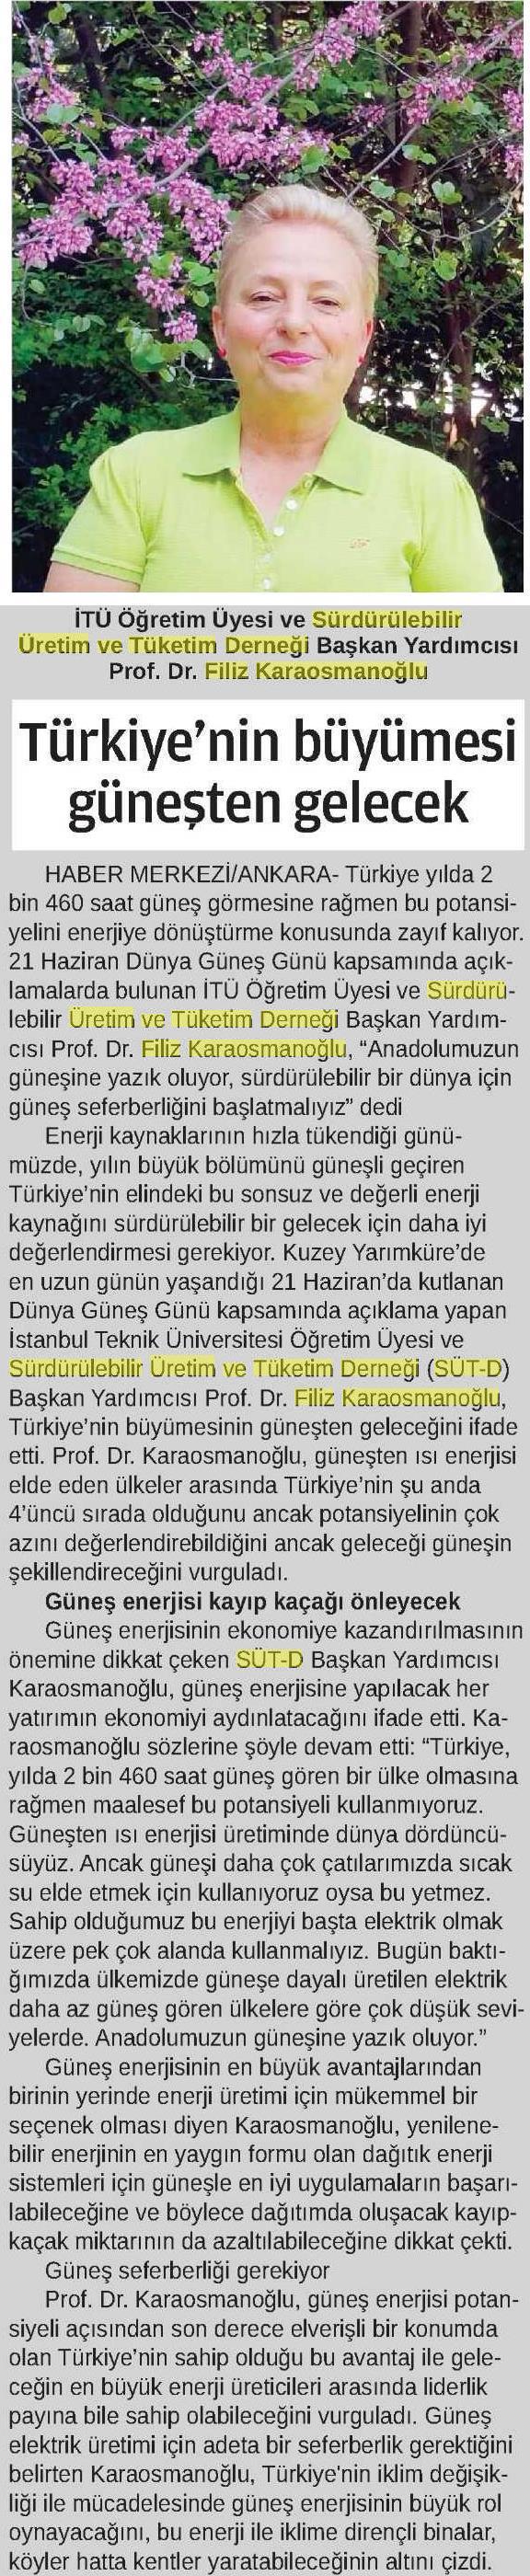 24 Saat Gazetesi 21.06.2016